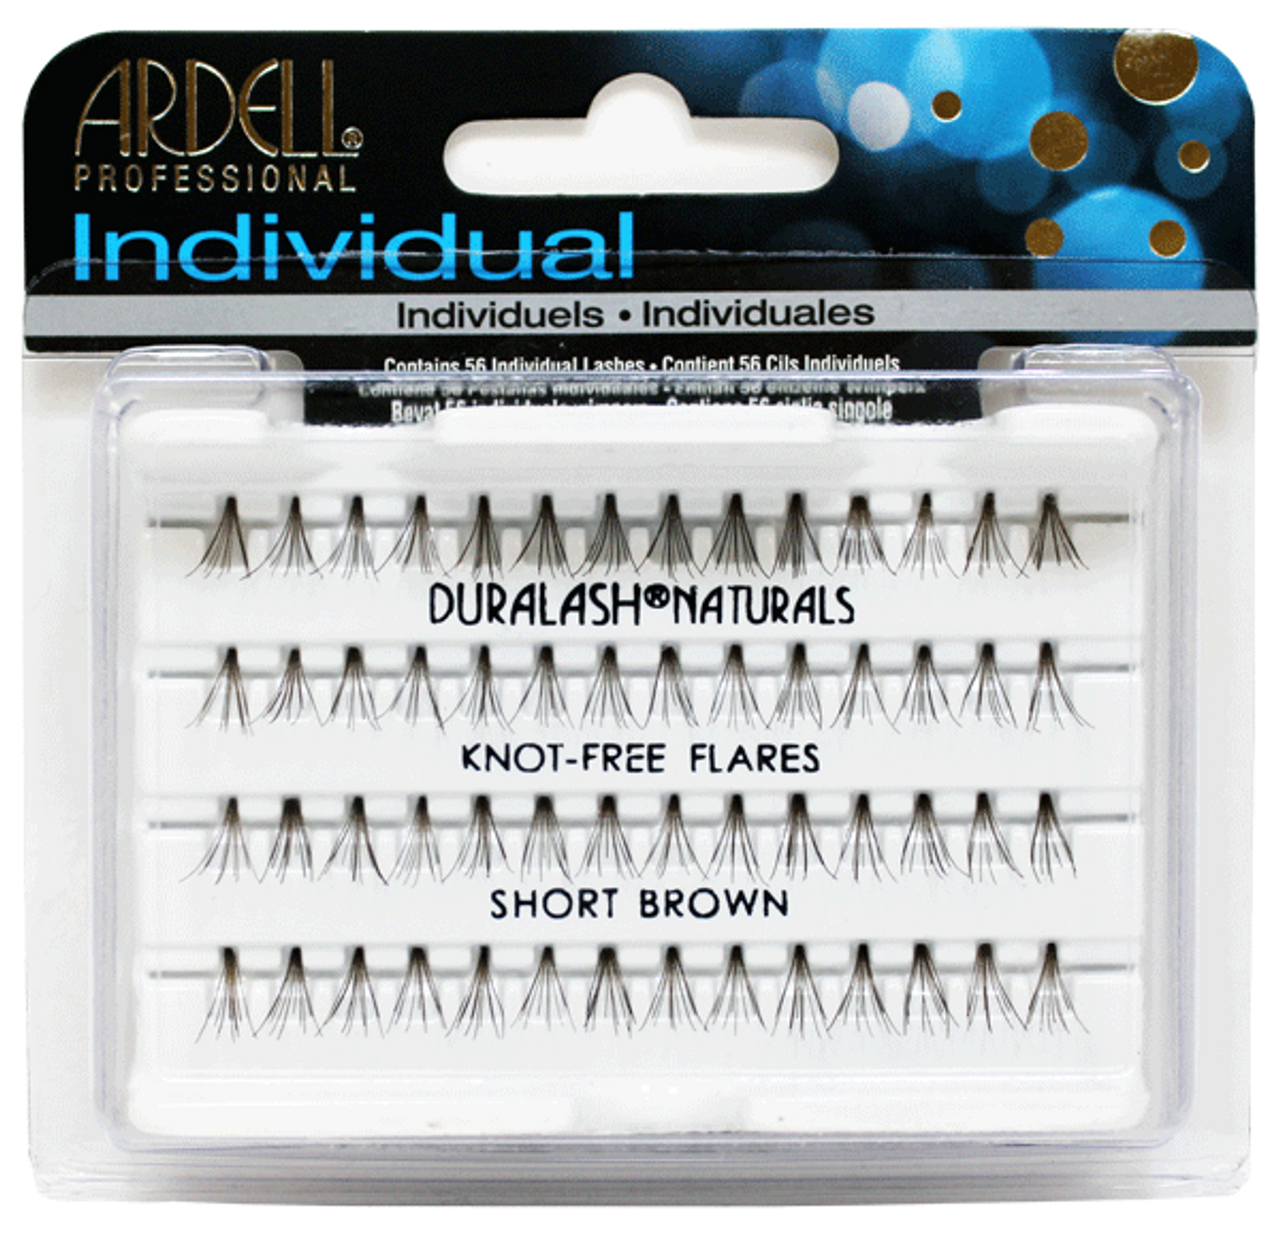 1eefe57fb49 Ardell Duralash Naturals - Knot Free Flares - Short Brown (#65051) -  Princess Nail Supply